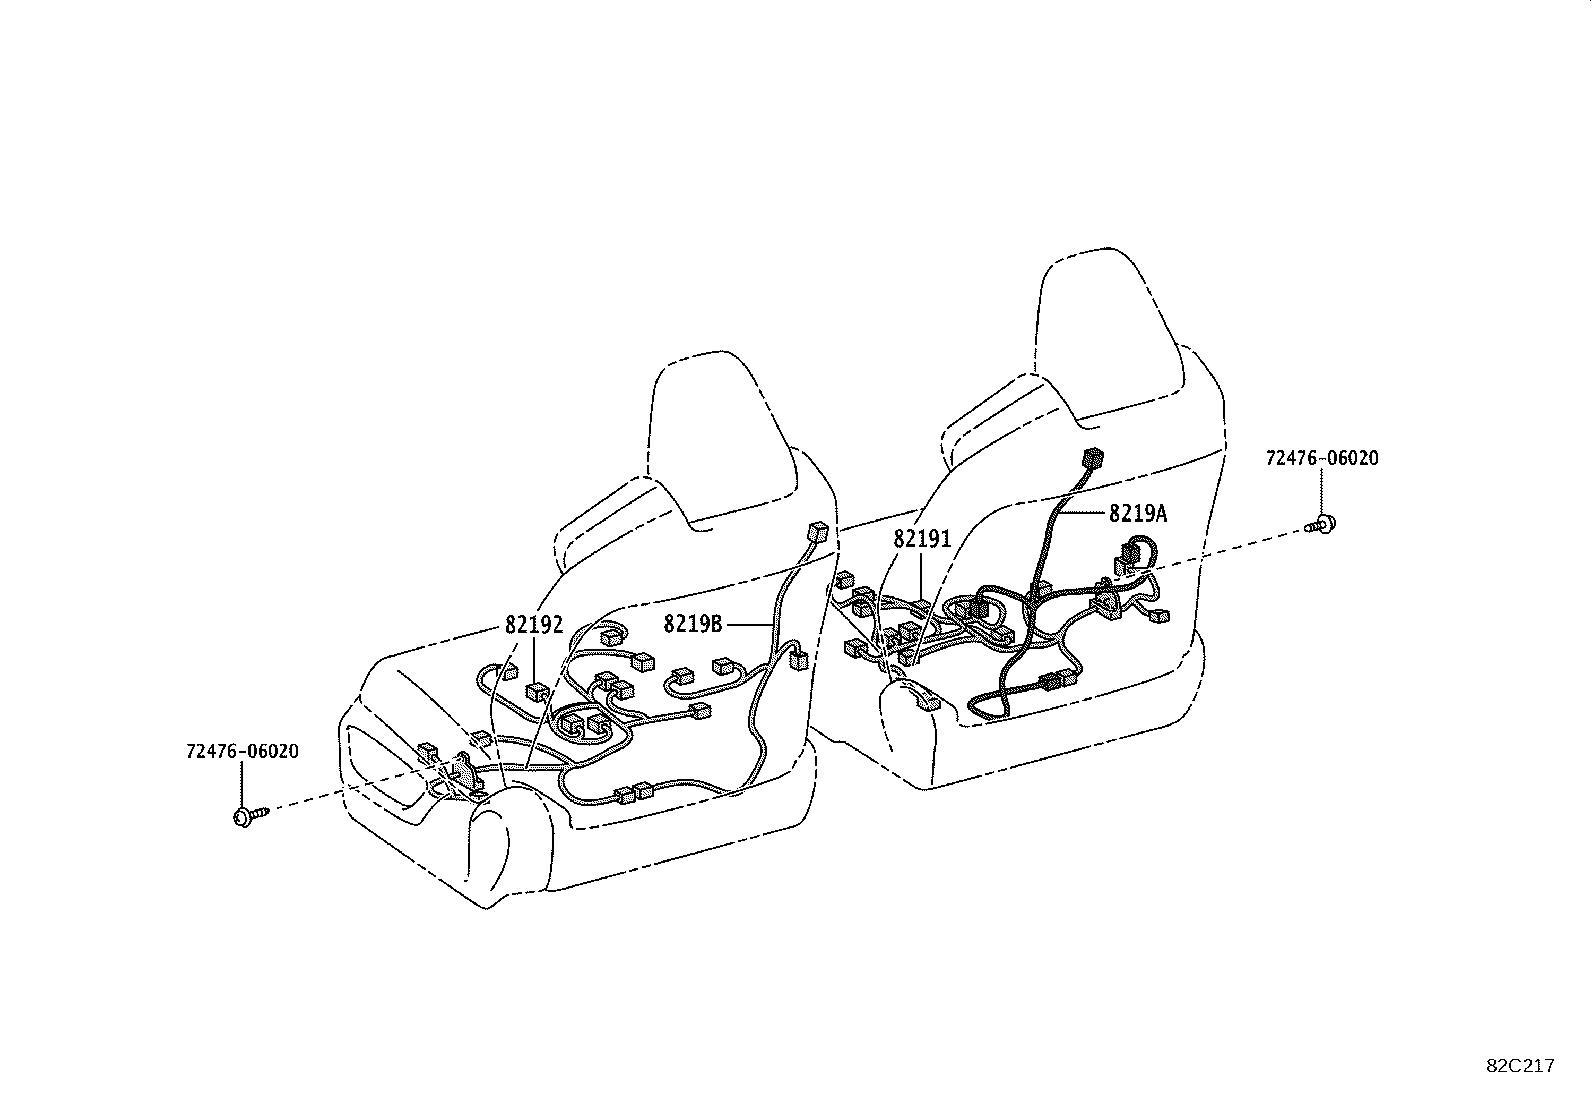 Diagram 07 Lexus Fog Light Wiring Diagram Full Version